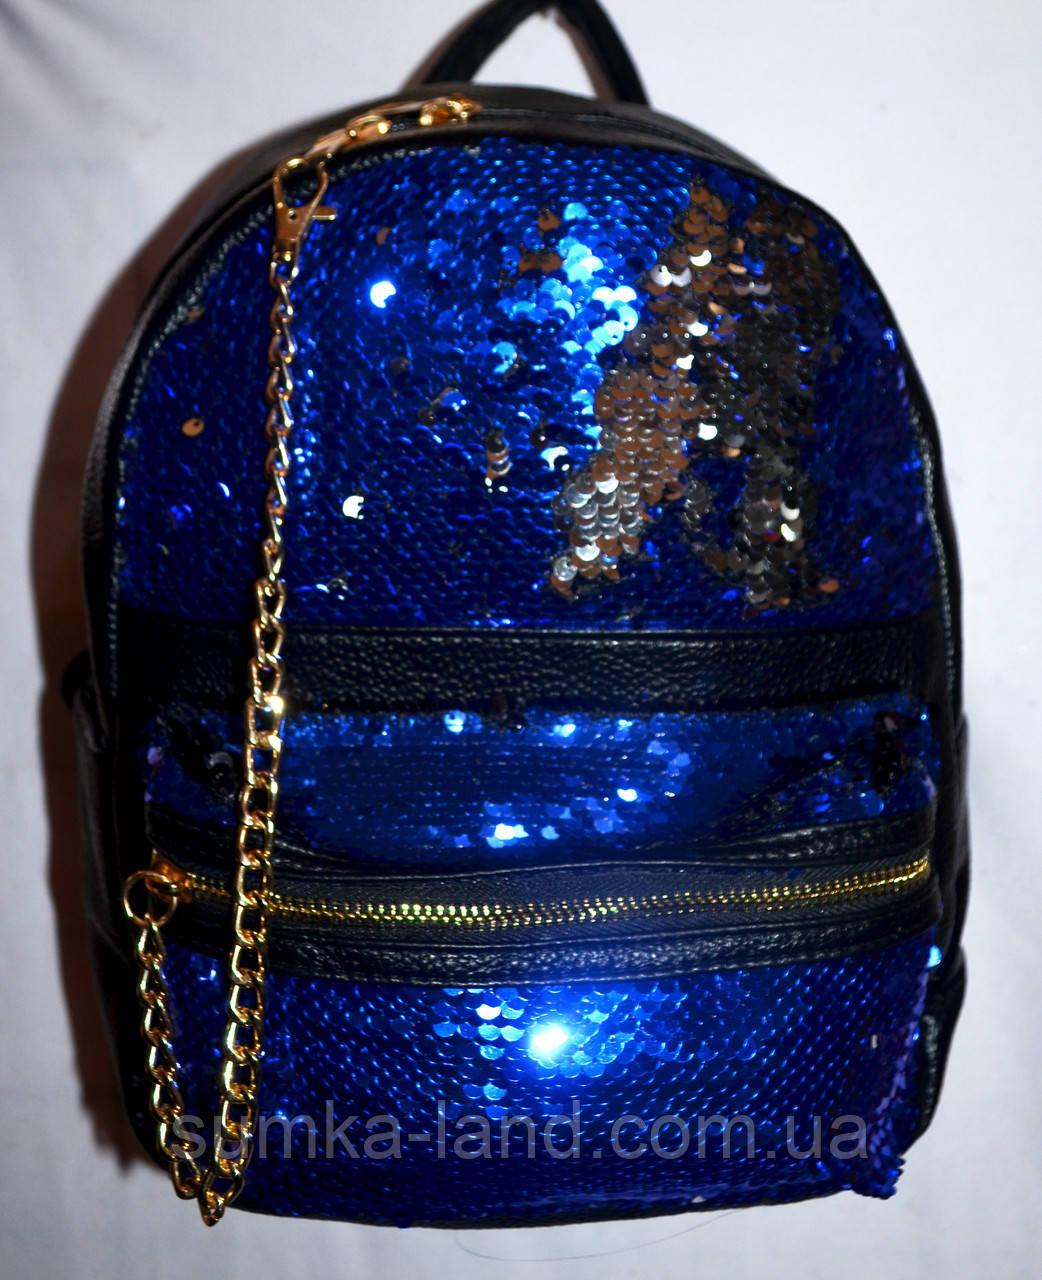 Женский рюкзак с пайетками синий 22*30 см